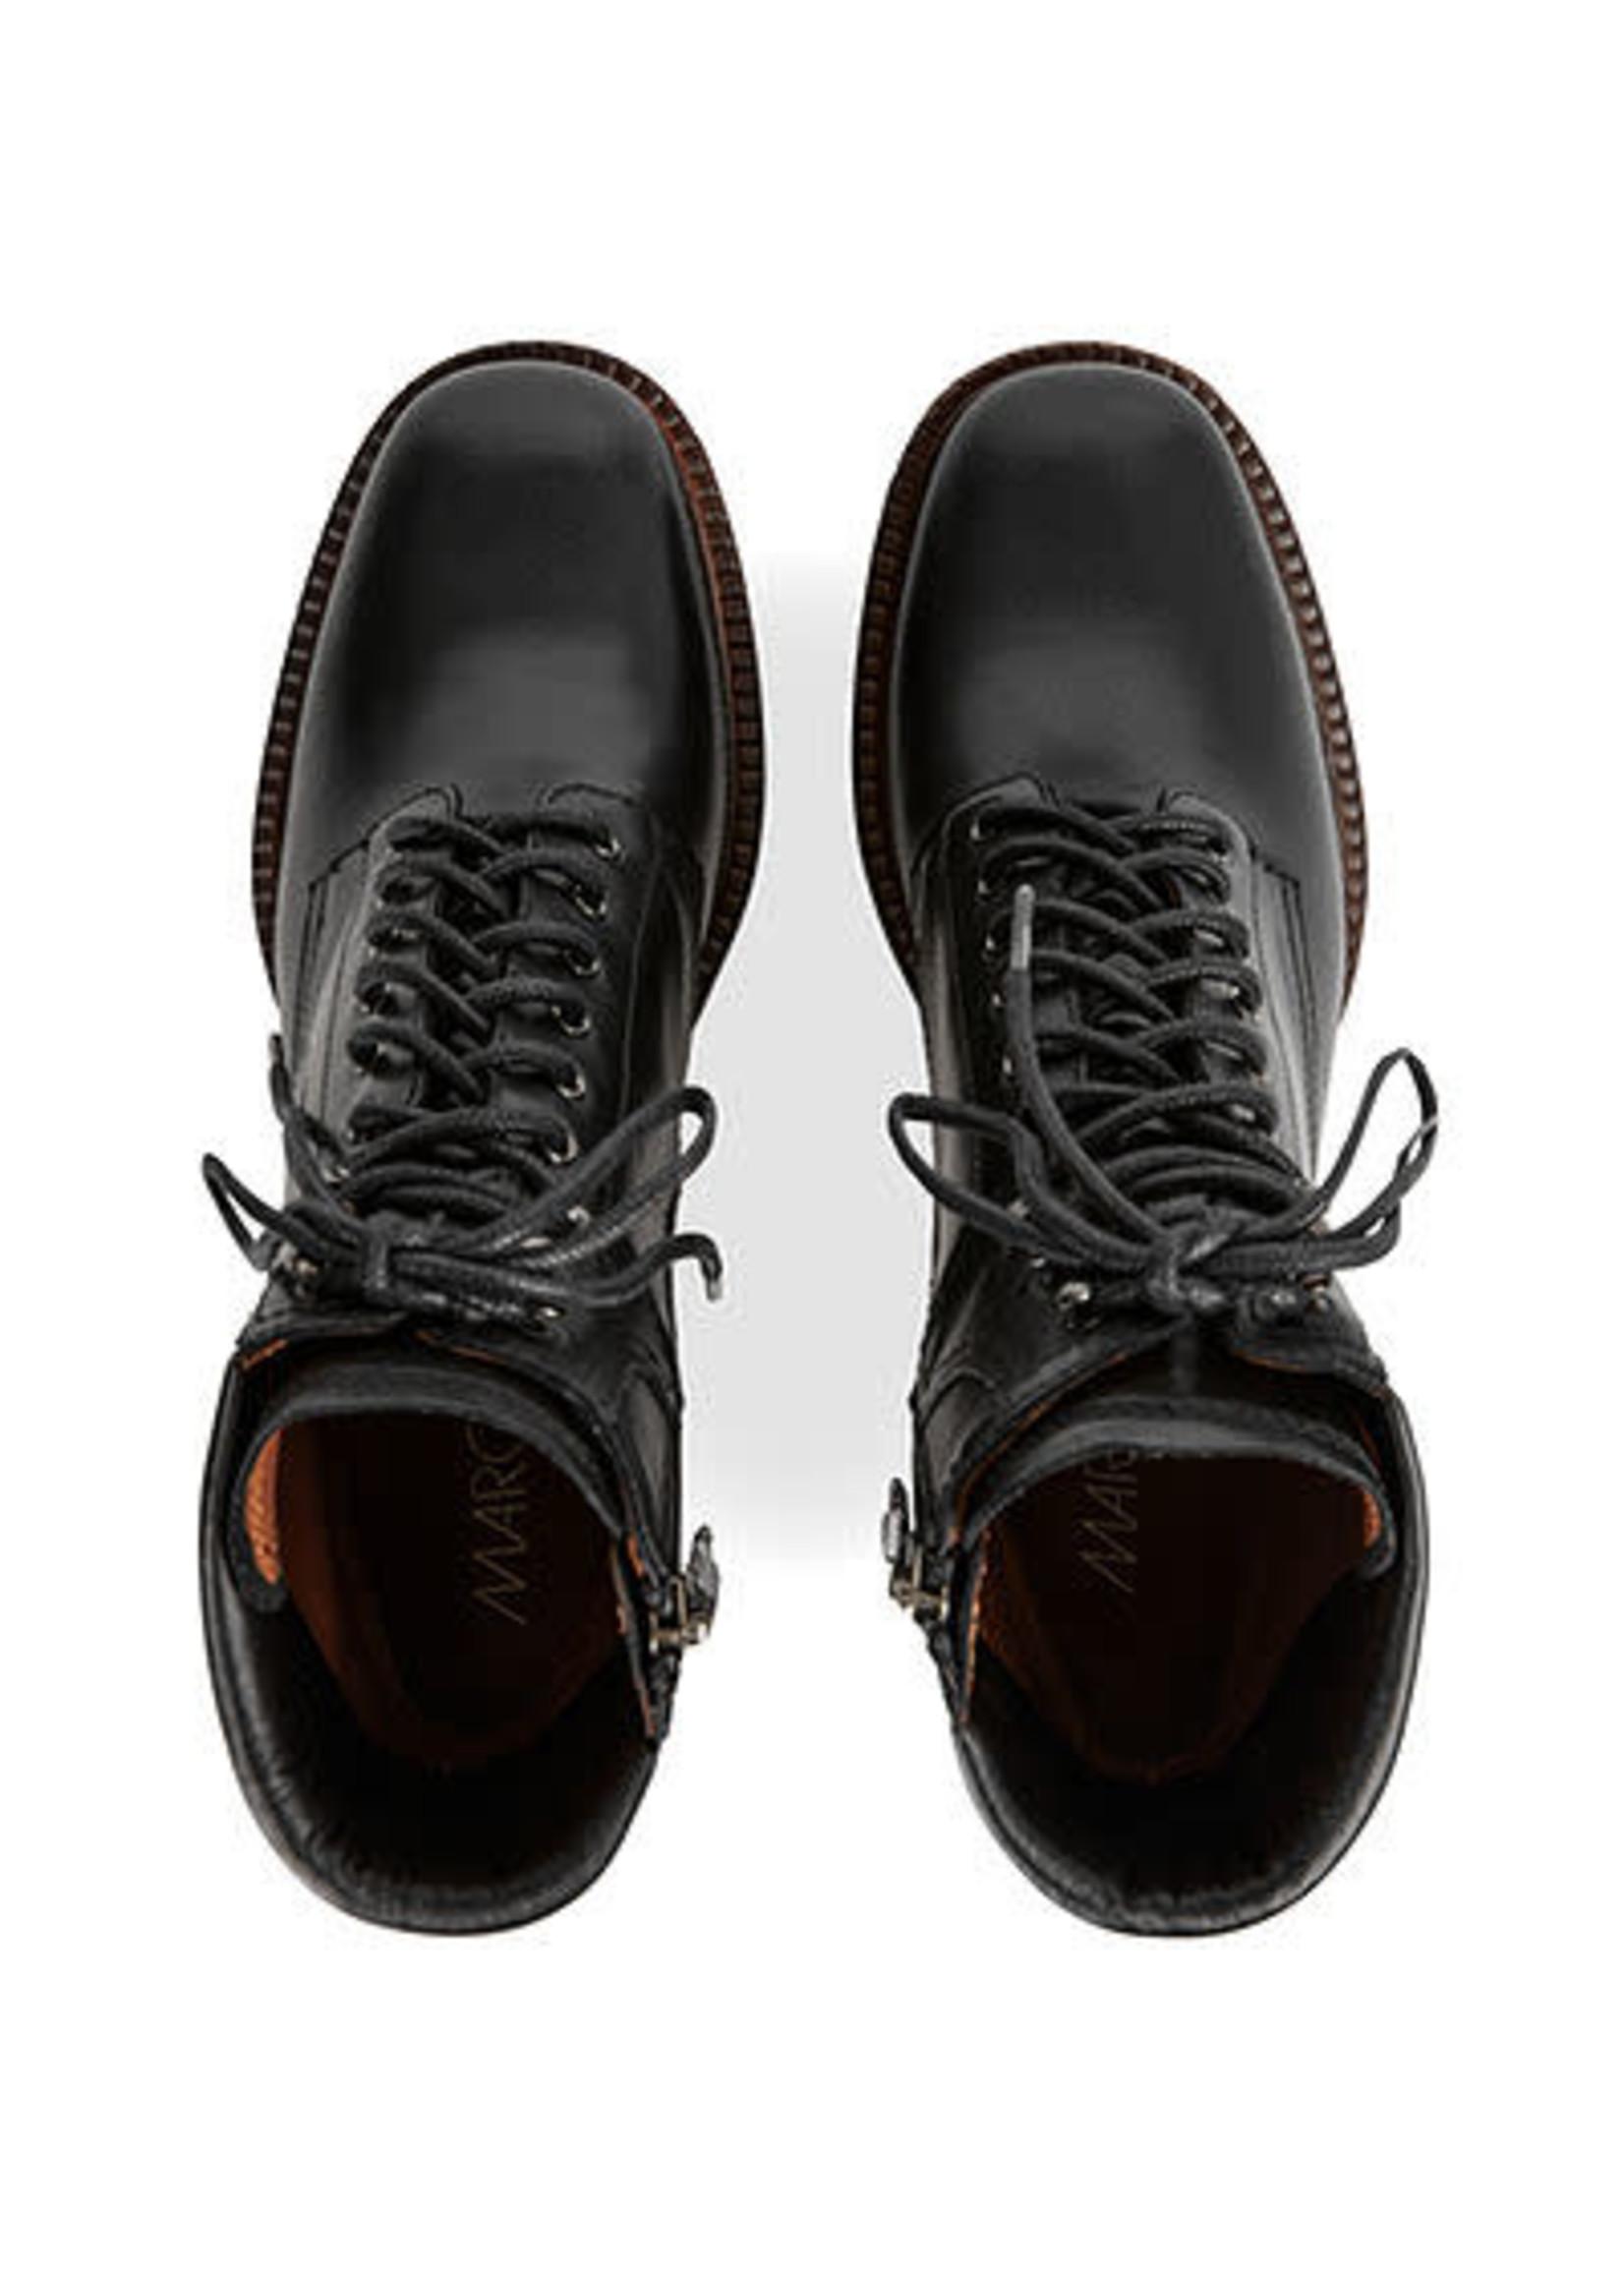 Marccain Bags & Shoes Enkel Laars RB SB.29 L26 black